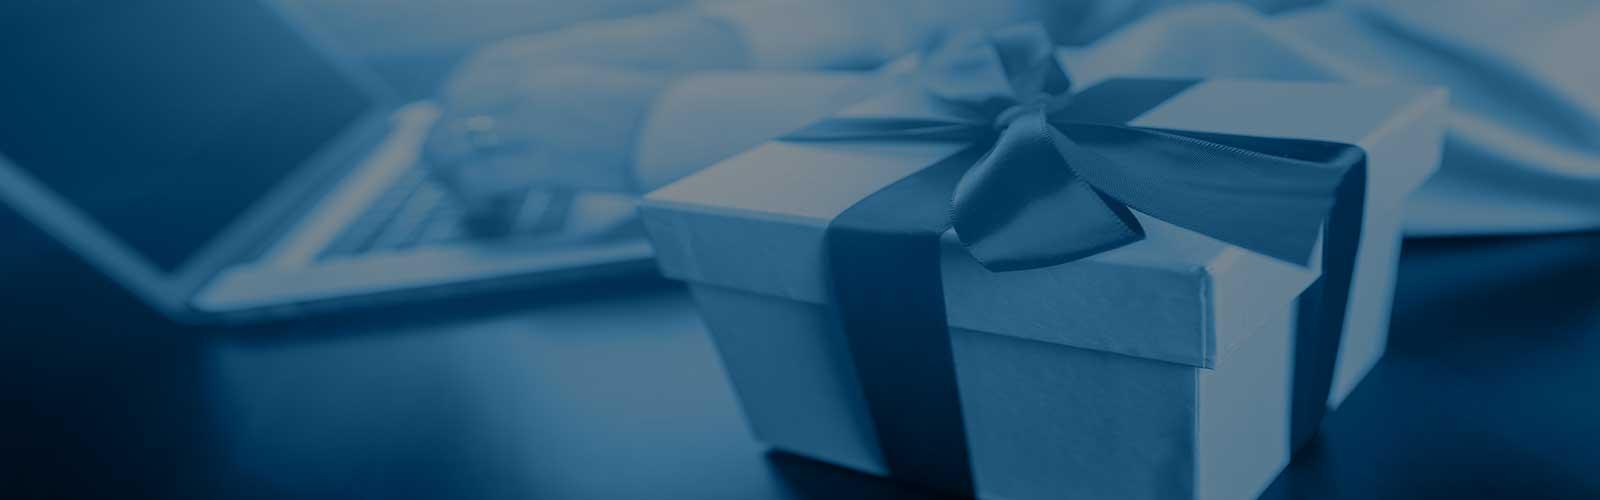 Επιχειρηματικά Δώρα